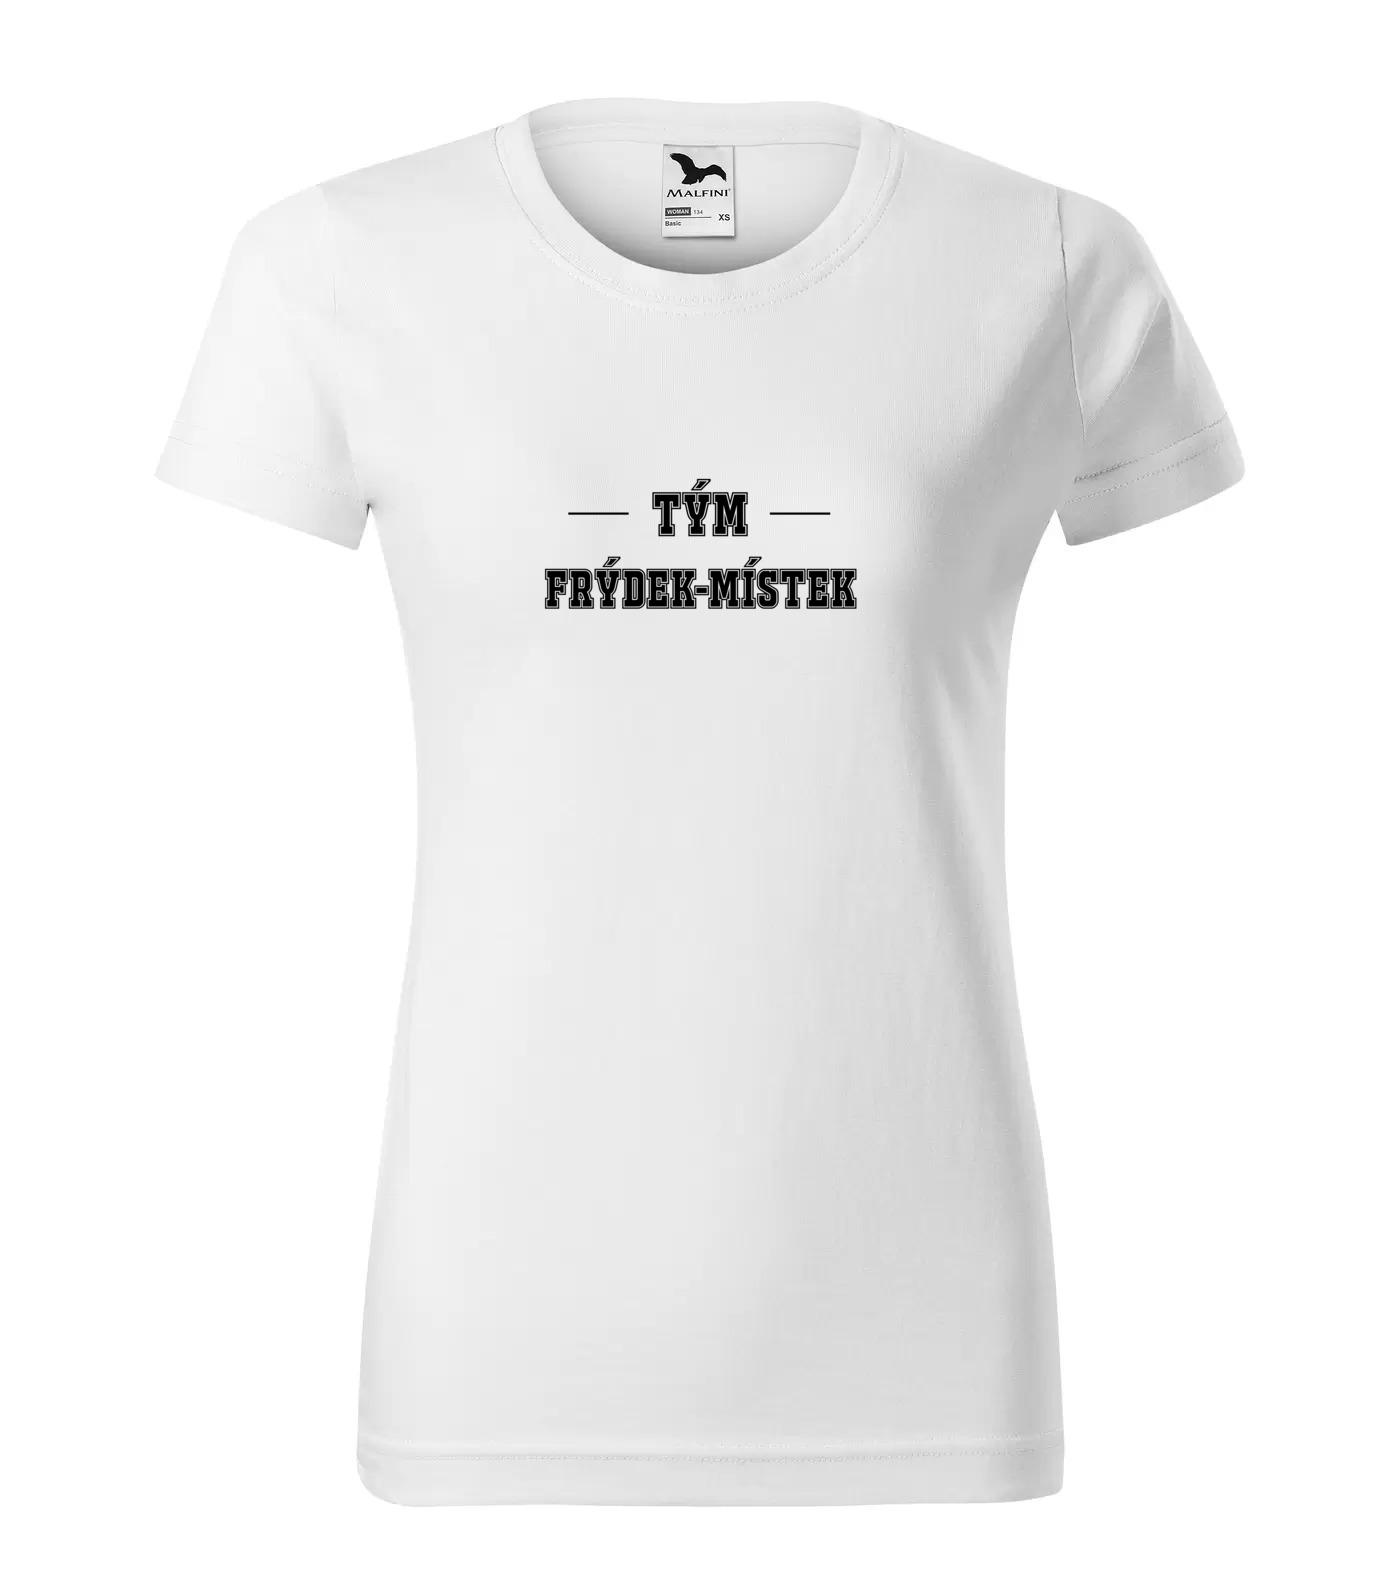 Tričko Tým Frýdek-Místek